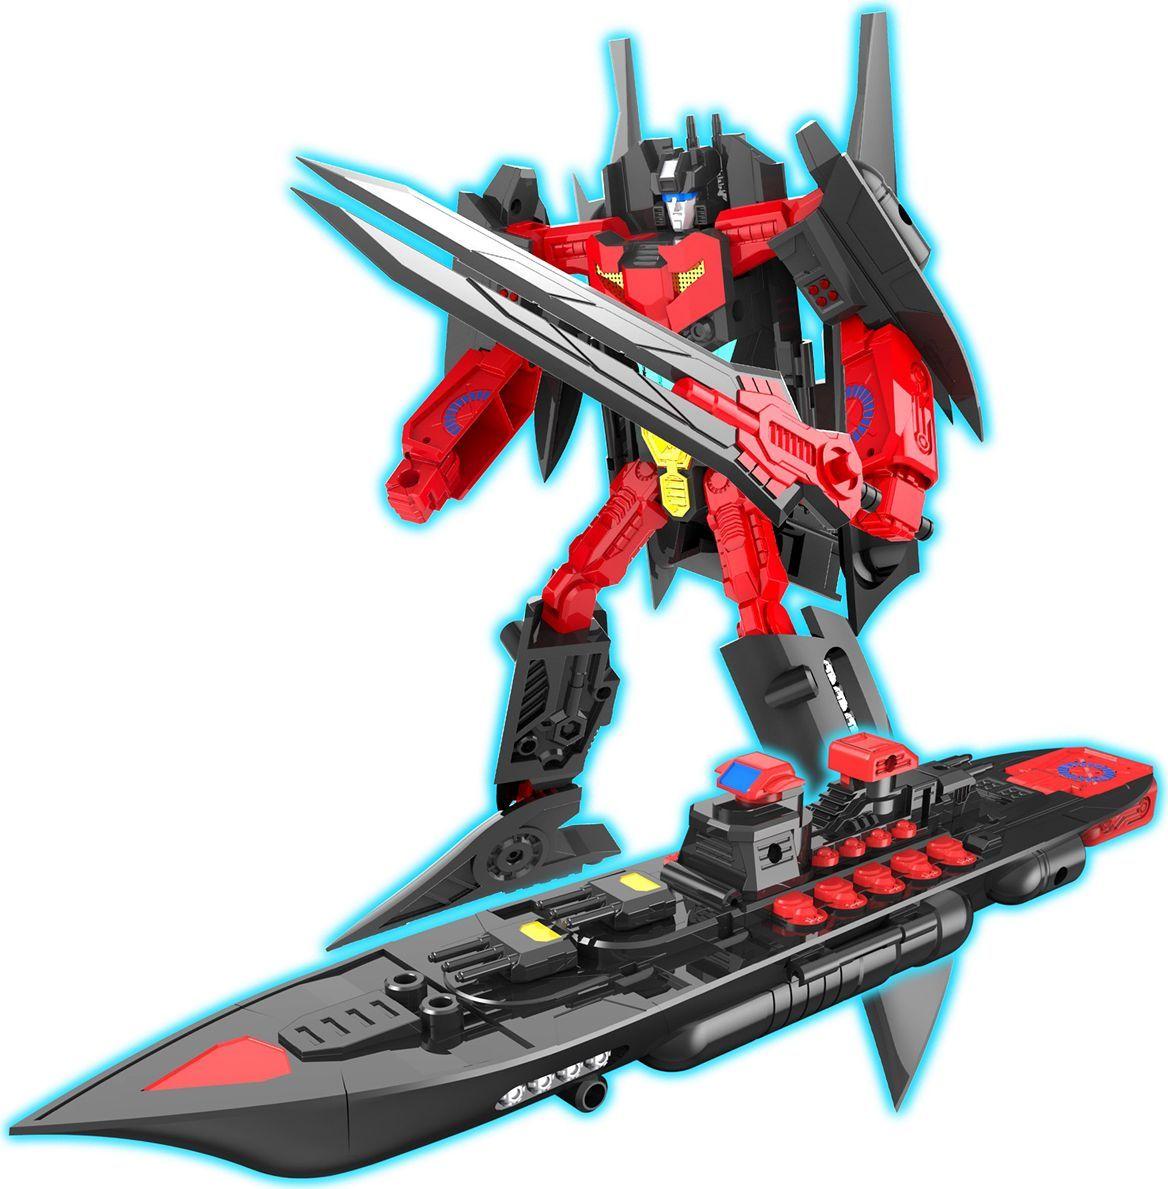 цена на Склад уникальных товаров Робот-трансформер Авианосец XL цвет красный черный